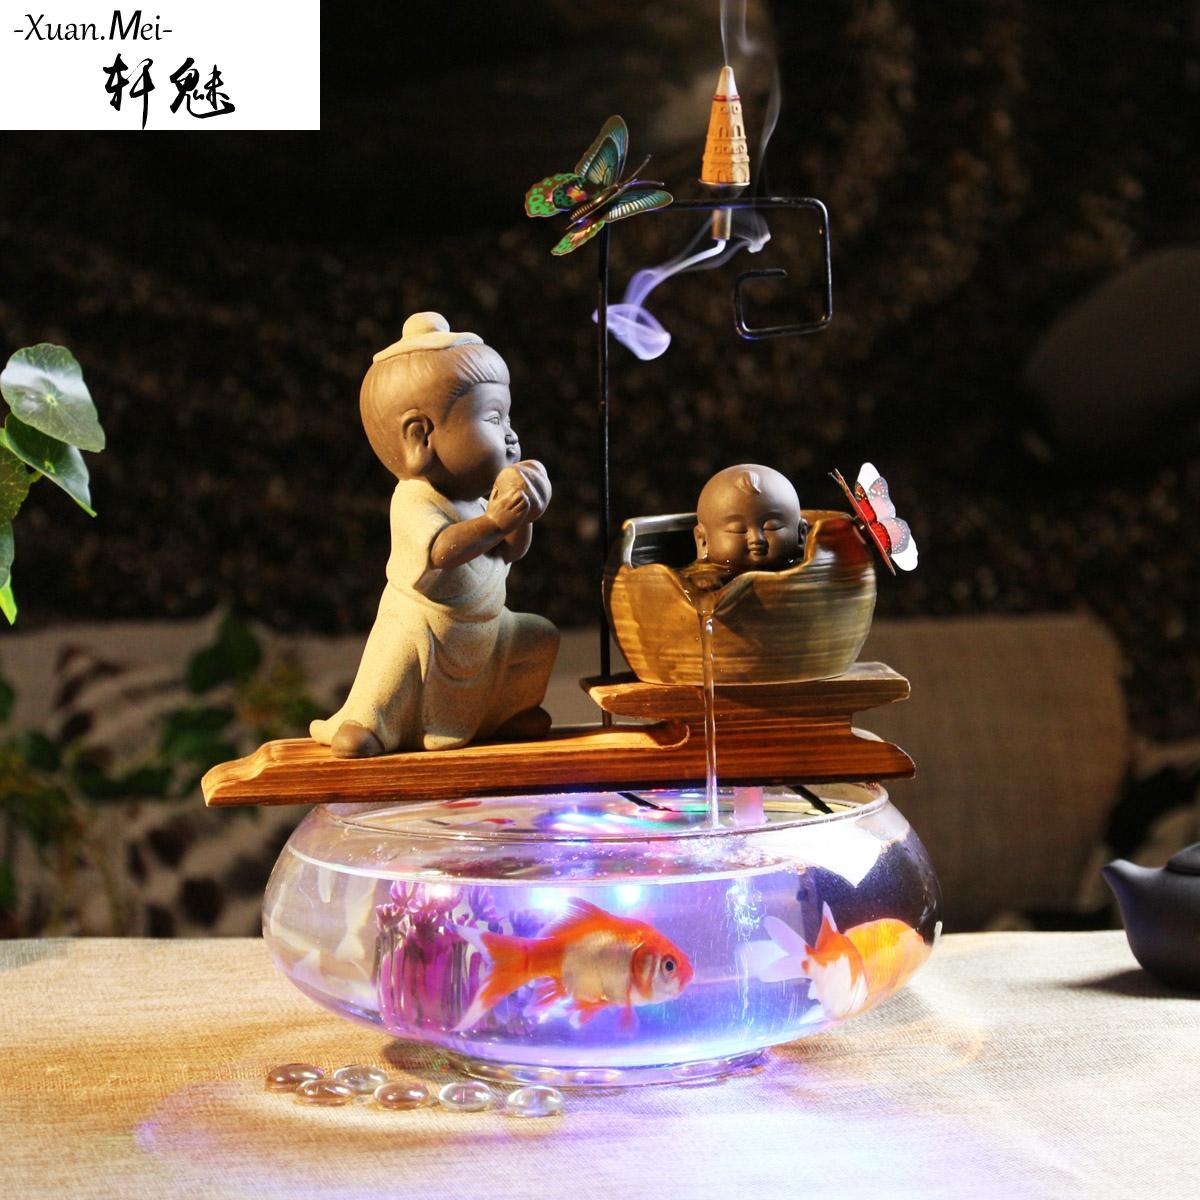 轩魅小鱼缸 迷你缸 办公桌面客厅小型 创意玻璃鱼缸 圆形金鱼缸,可领取100元天猫优惠券